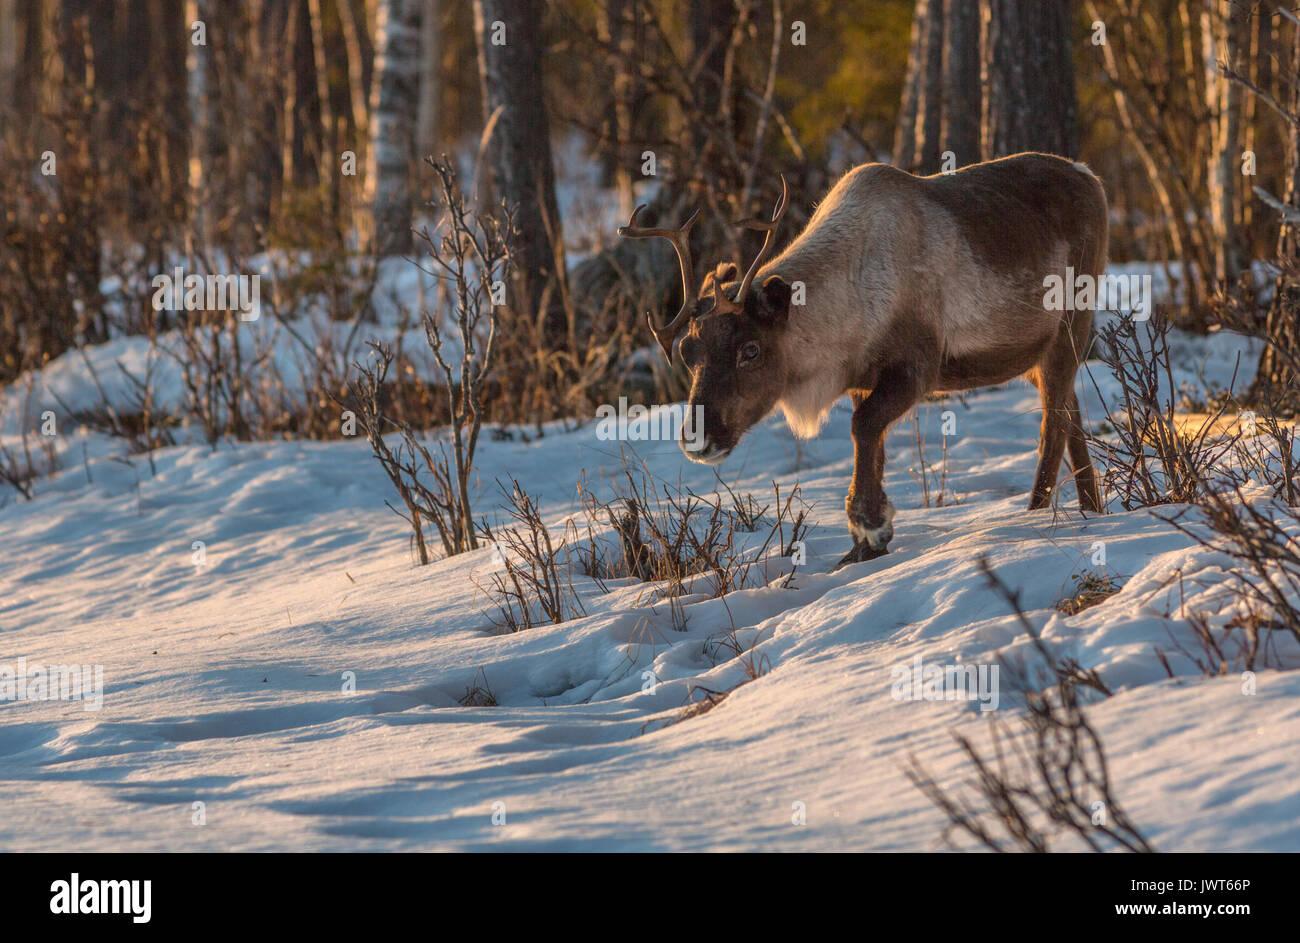 Los renos, Rangifer tarandus caminando en el bosque al atardecer en cálidos colores agradables, grandes cuernos y un montón de nieve en el suelo, Norrbotten, Suecia Imagen De Stock